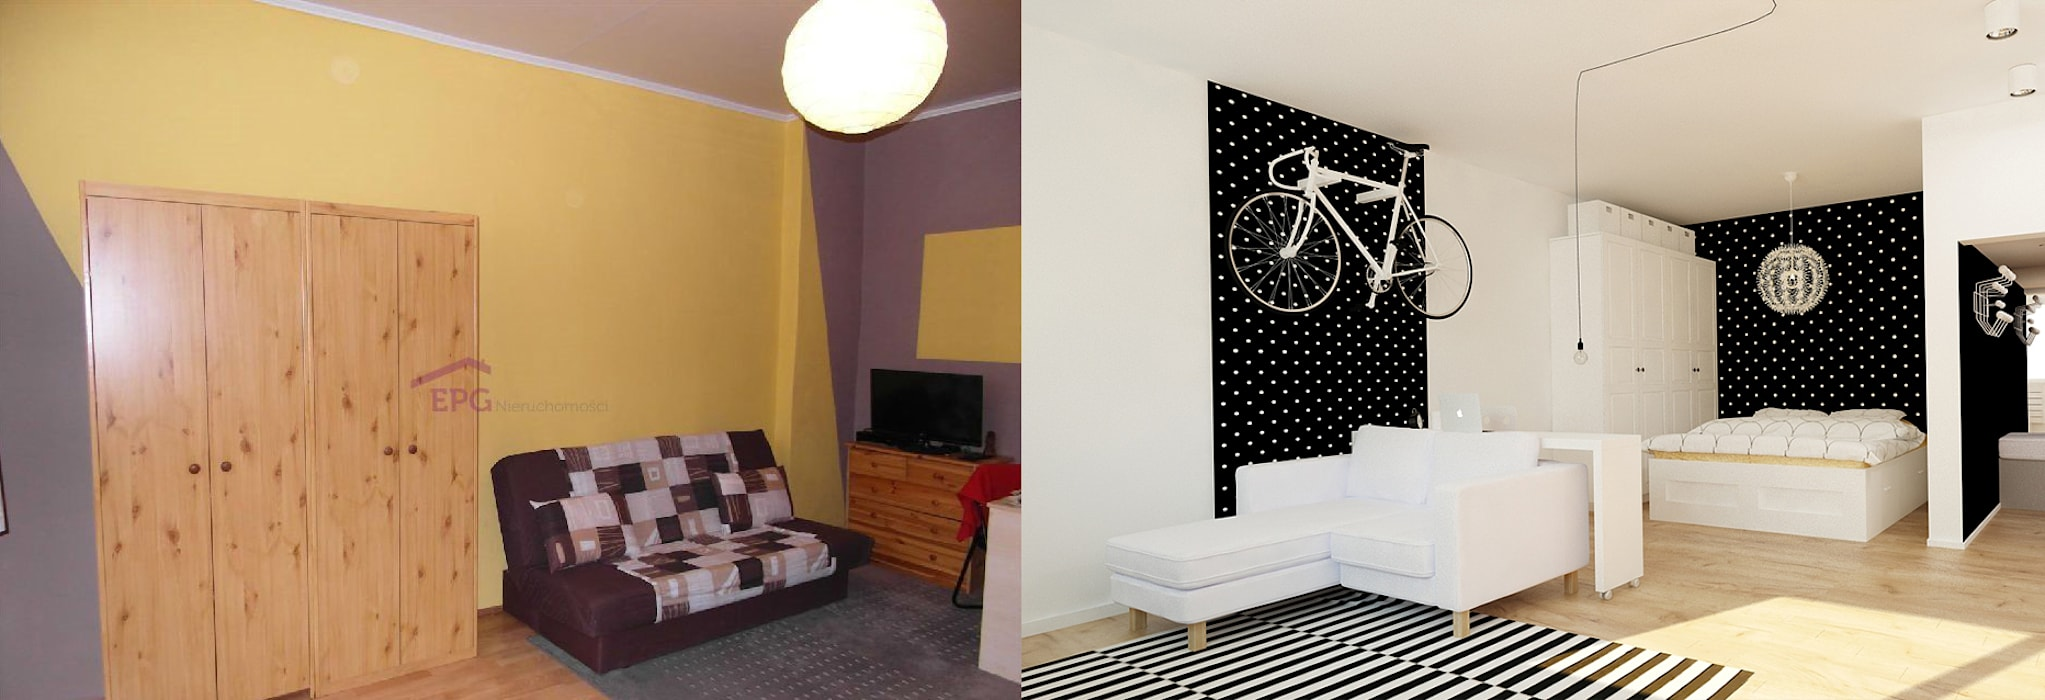 Kawalerka 24m2 w Katowicach do wynajęcia - wersja czarno-biała: styl , w kategorii Salon zaprojektowany przez Ale design Grzegorz Grzywacz